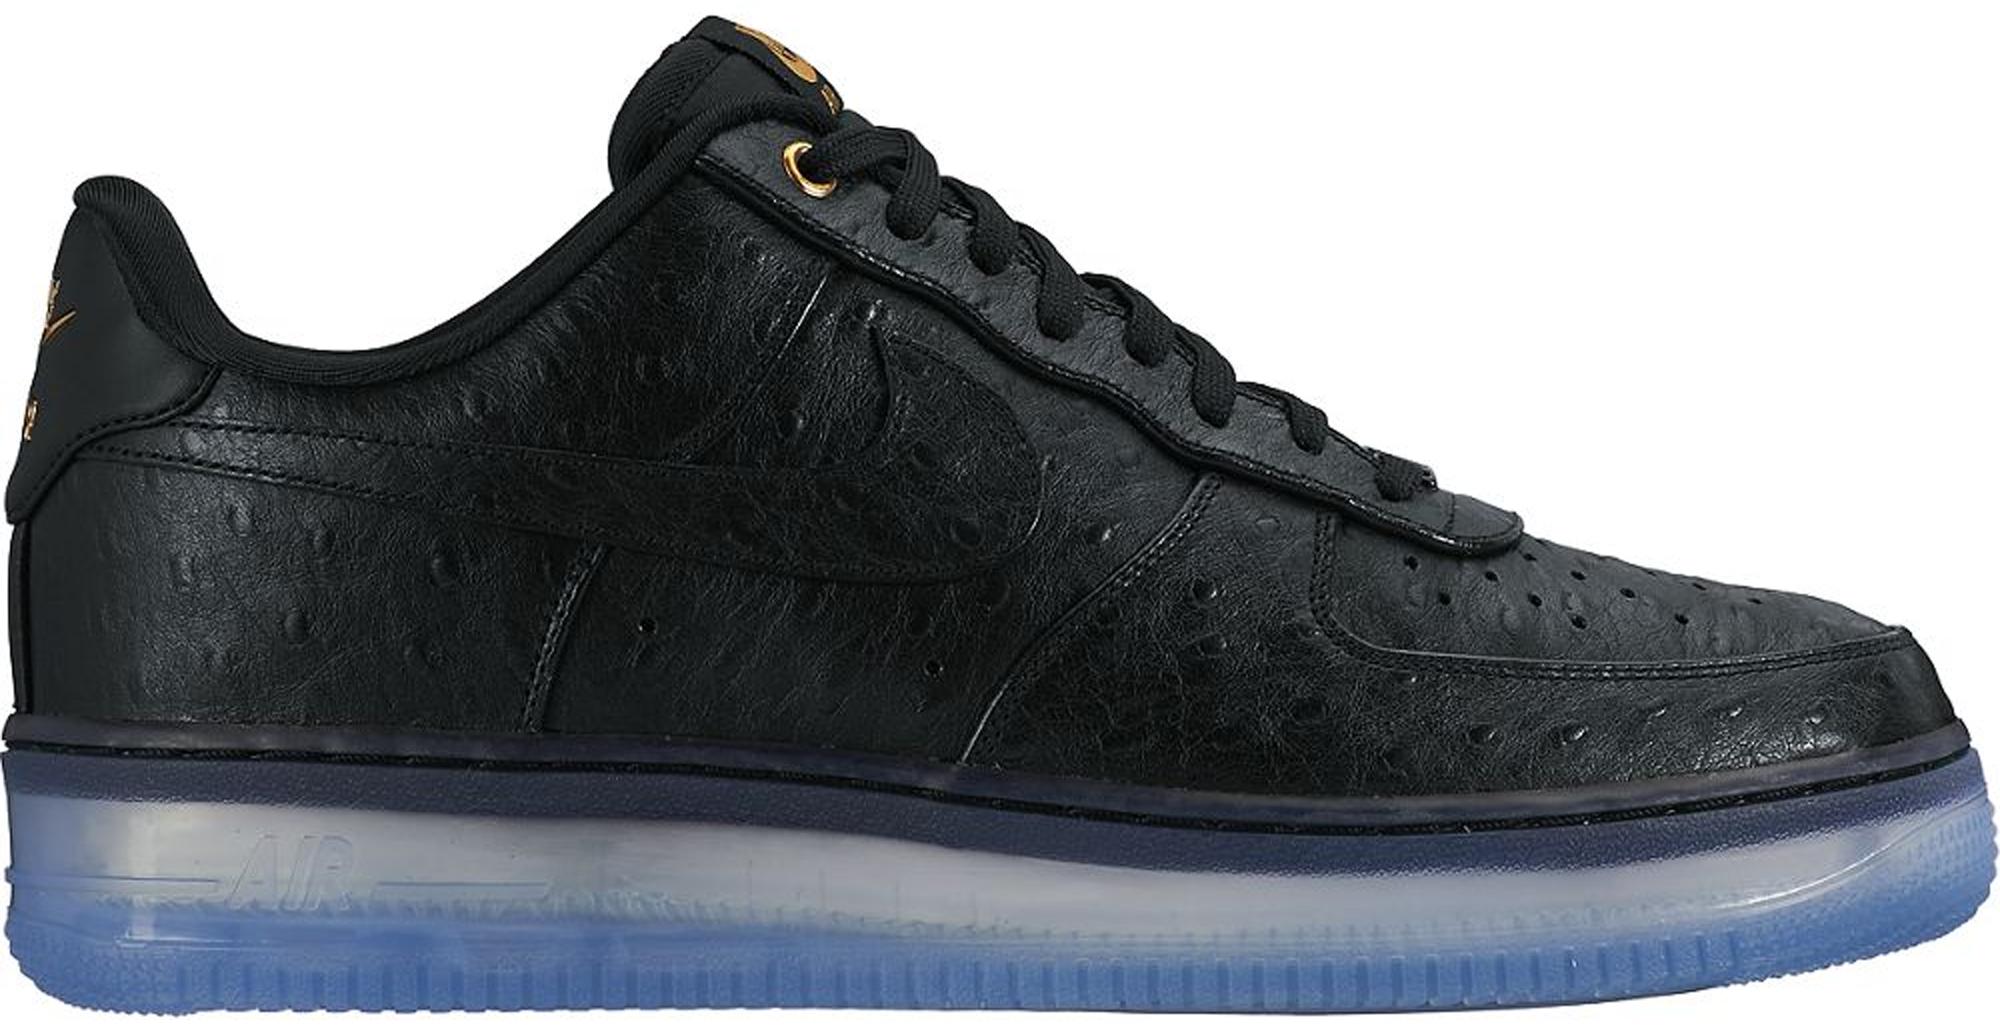 Nike Air Force 1 CMFT Lux Low Black